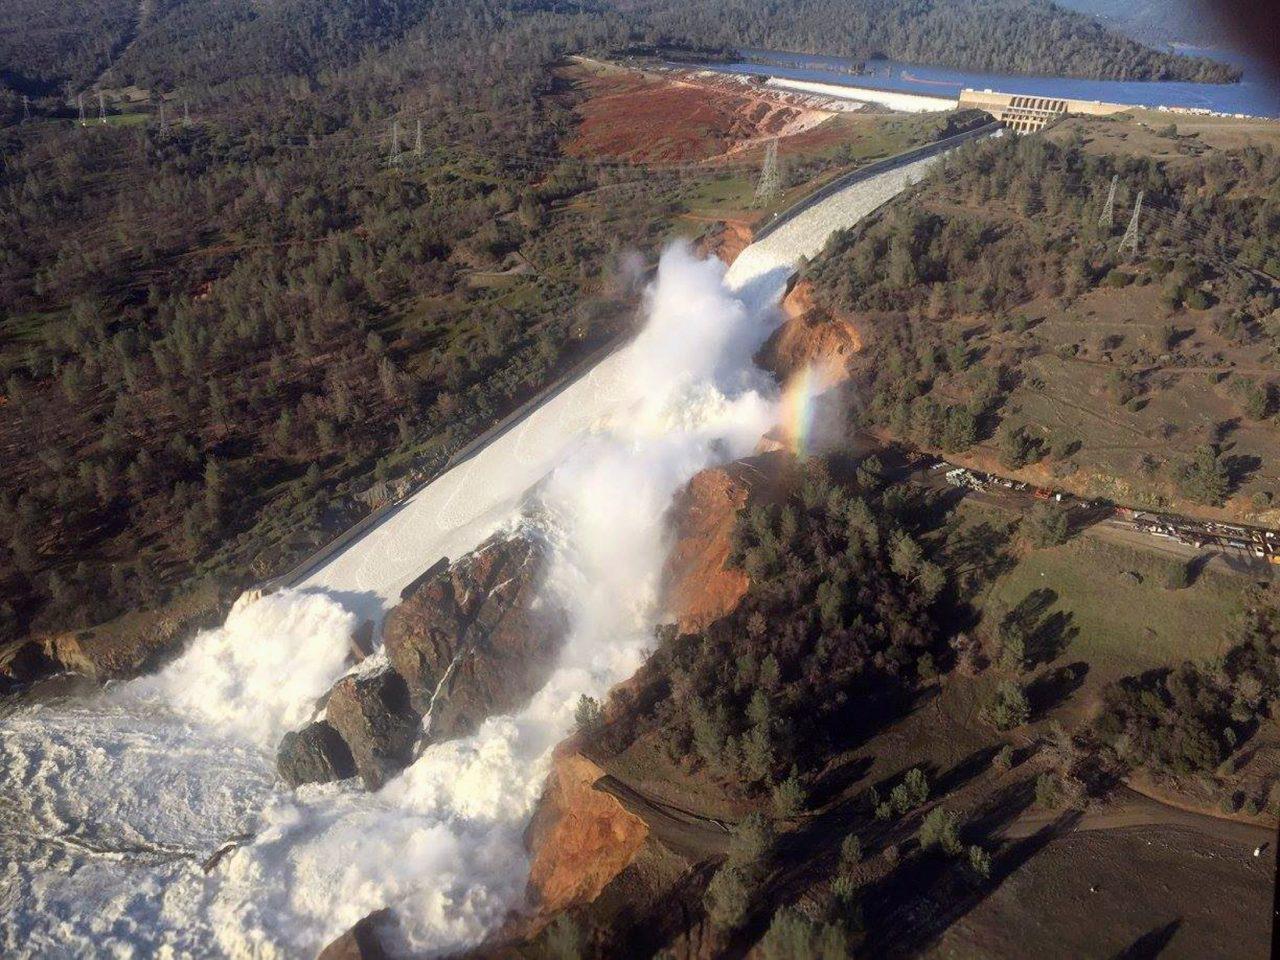 fragma-kalifornia-epsase-fragma-ipa-1300-2 Εκκενώθηκε η περιοχή γύρω από το μεγαλύτερο φράγμα των ΗΠΑ [εικόνες & βίντεο]